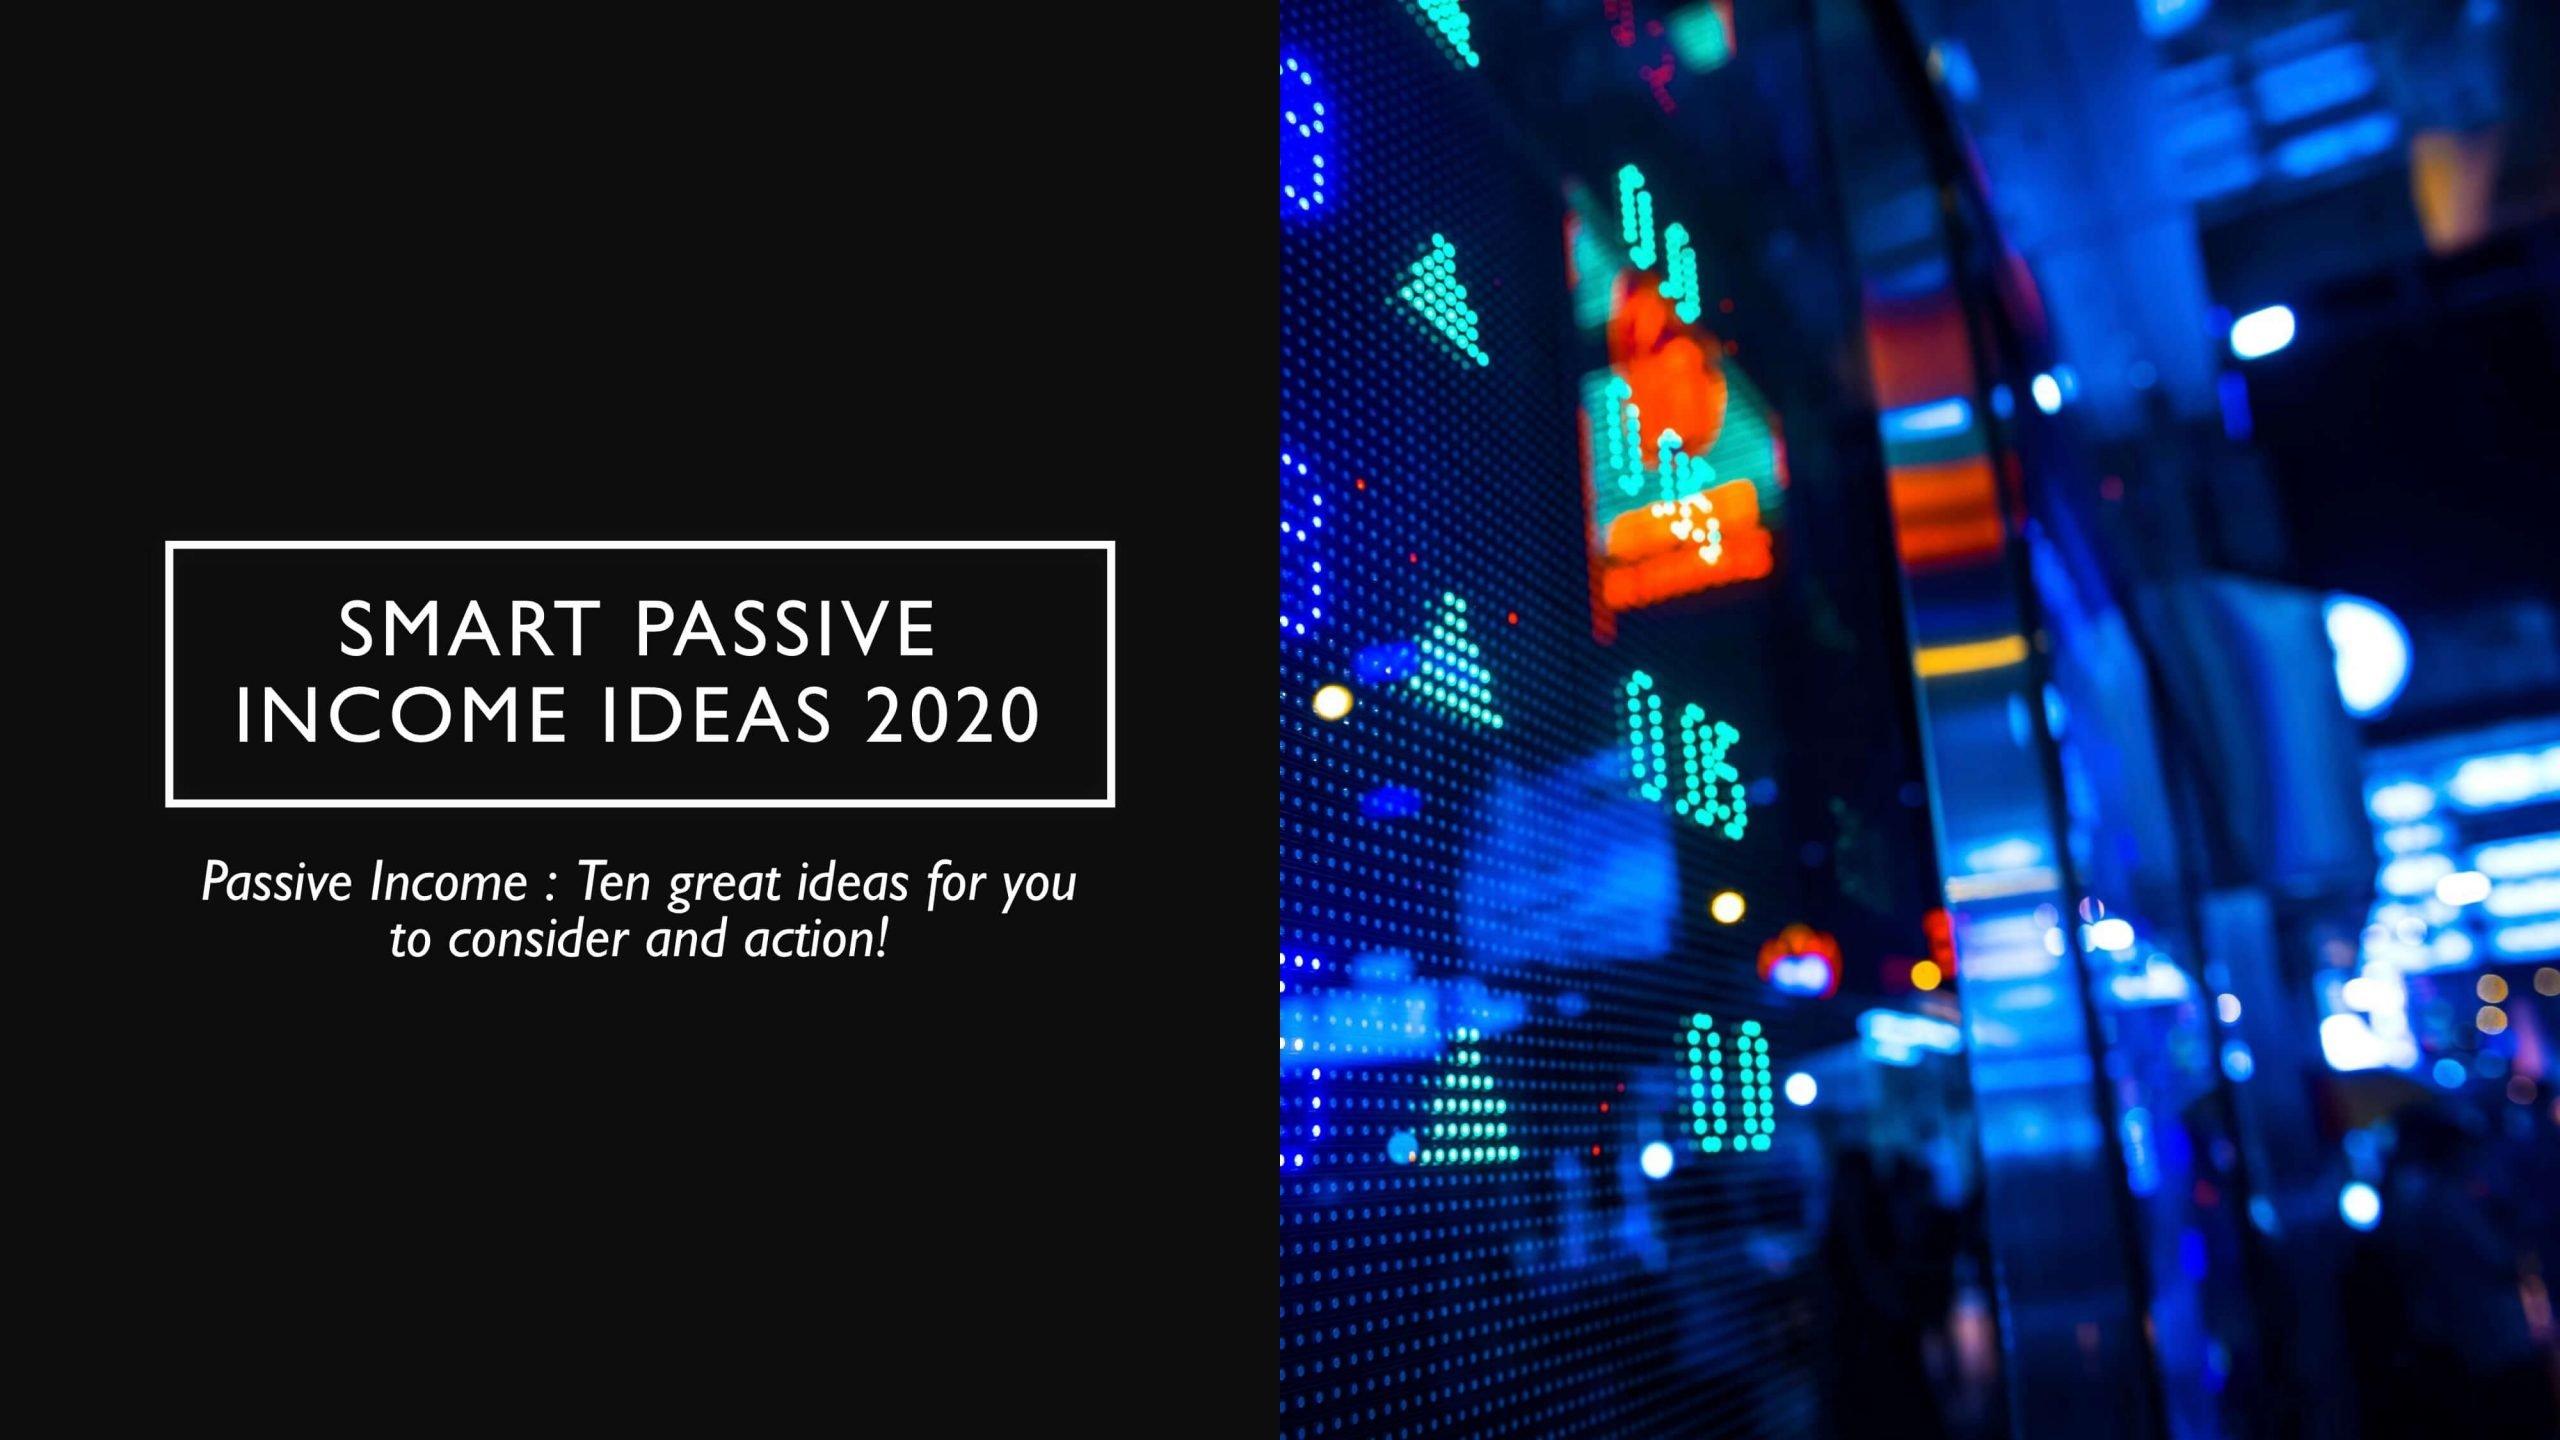 Passive Income Guide